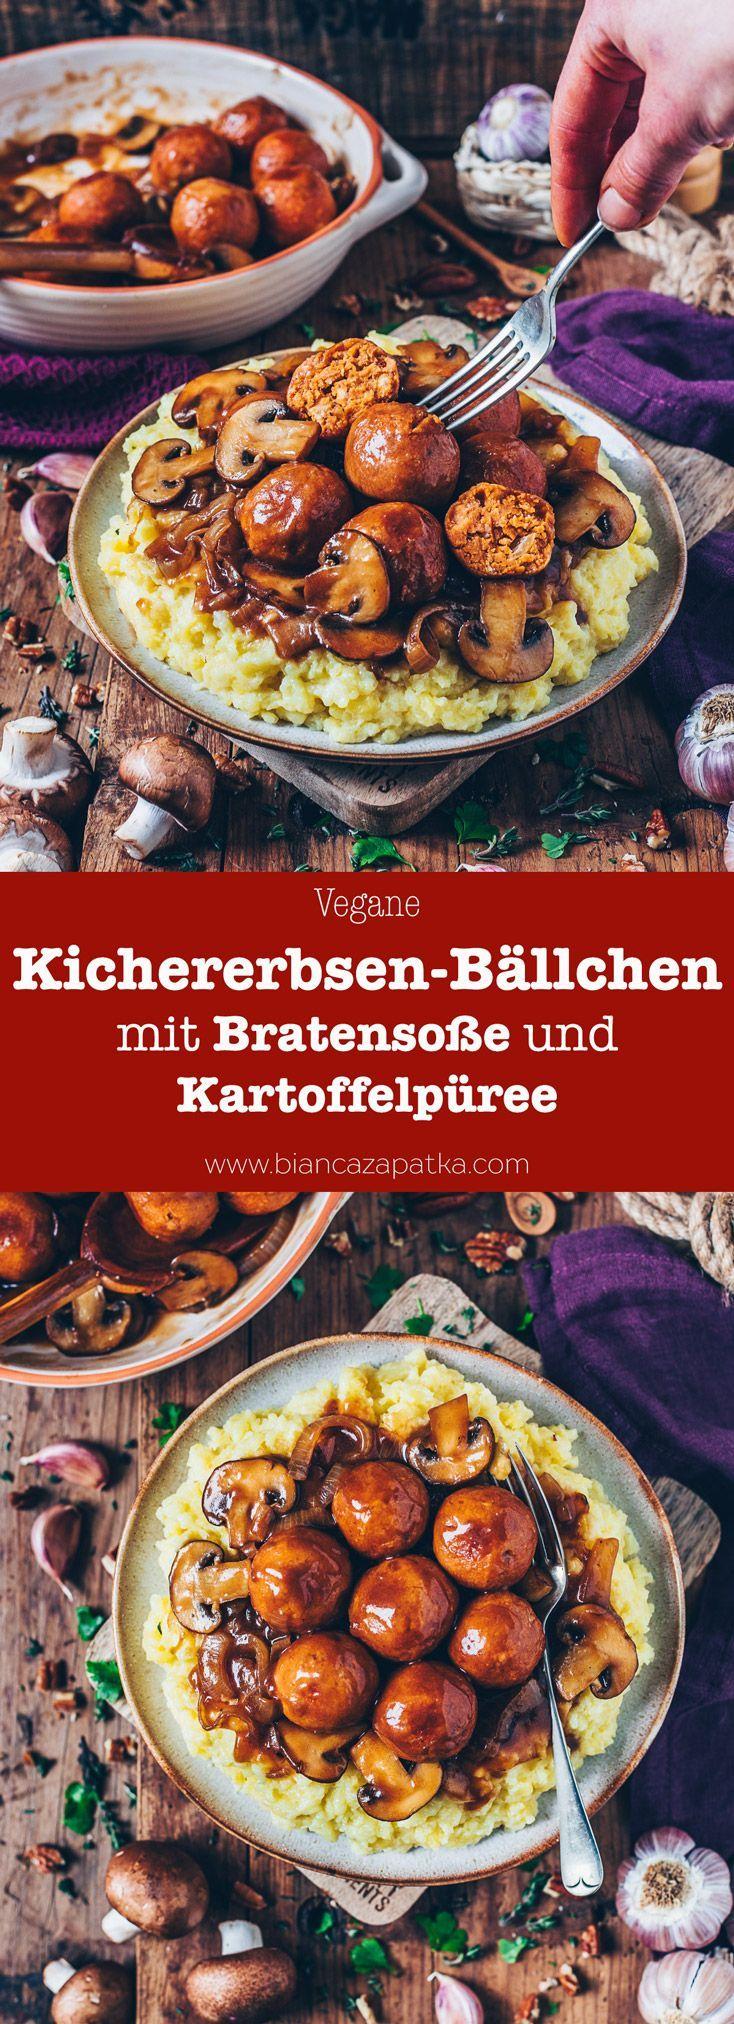 Vegane Kichererbsen-Bällchen mit Bratensoße und Kartoffelpüree #mashedpotatoesrecipe